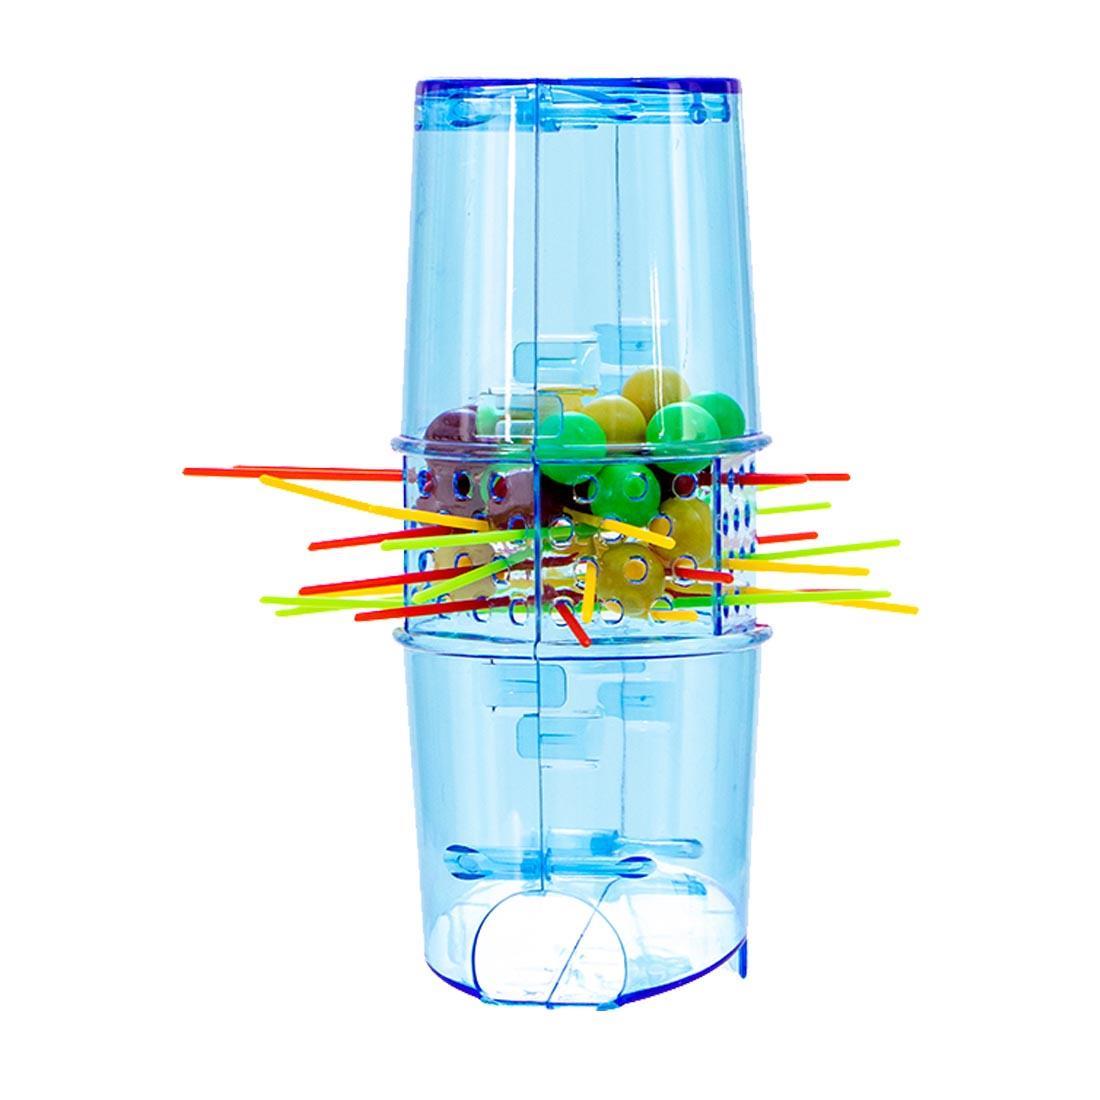 Brinquedo Jogo Tira Varetas Presentes para crianças Art Brink